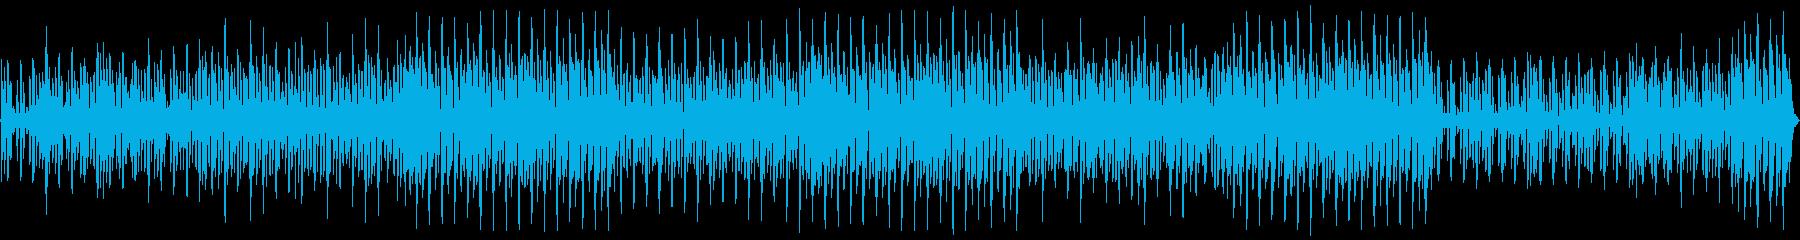 ラテン ジャズ ポップ ロック H...の再生済みの波形